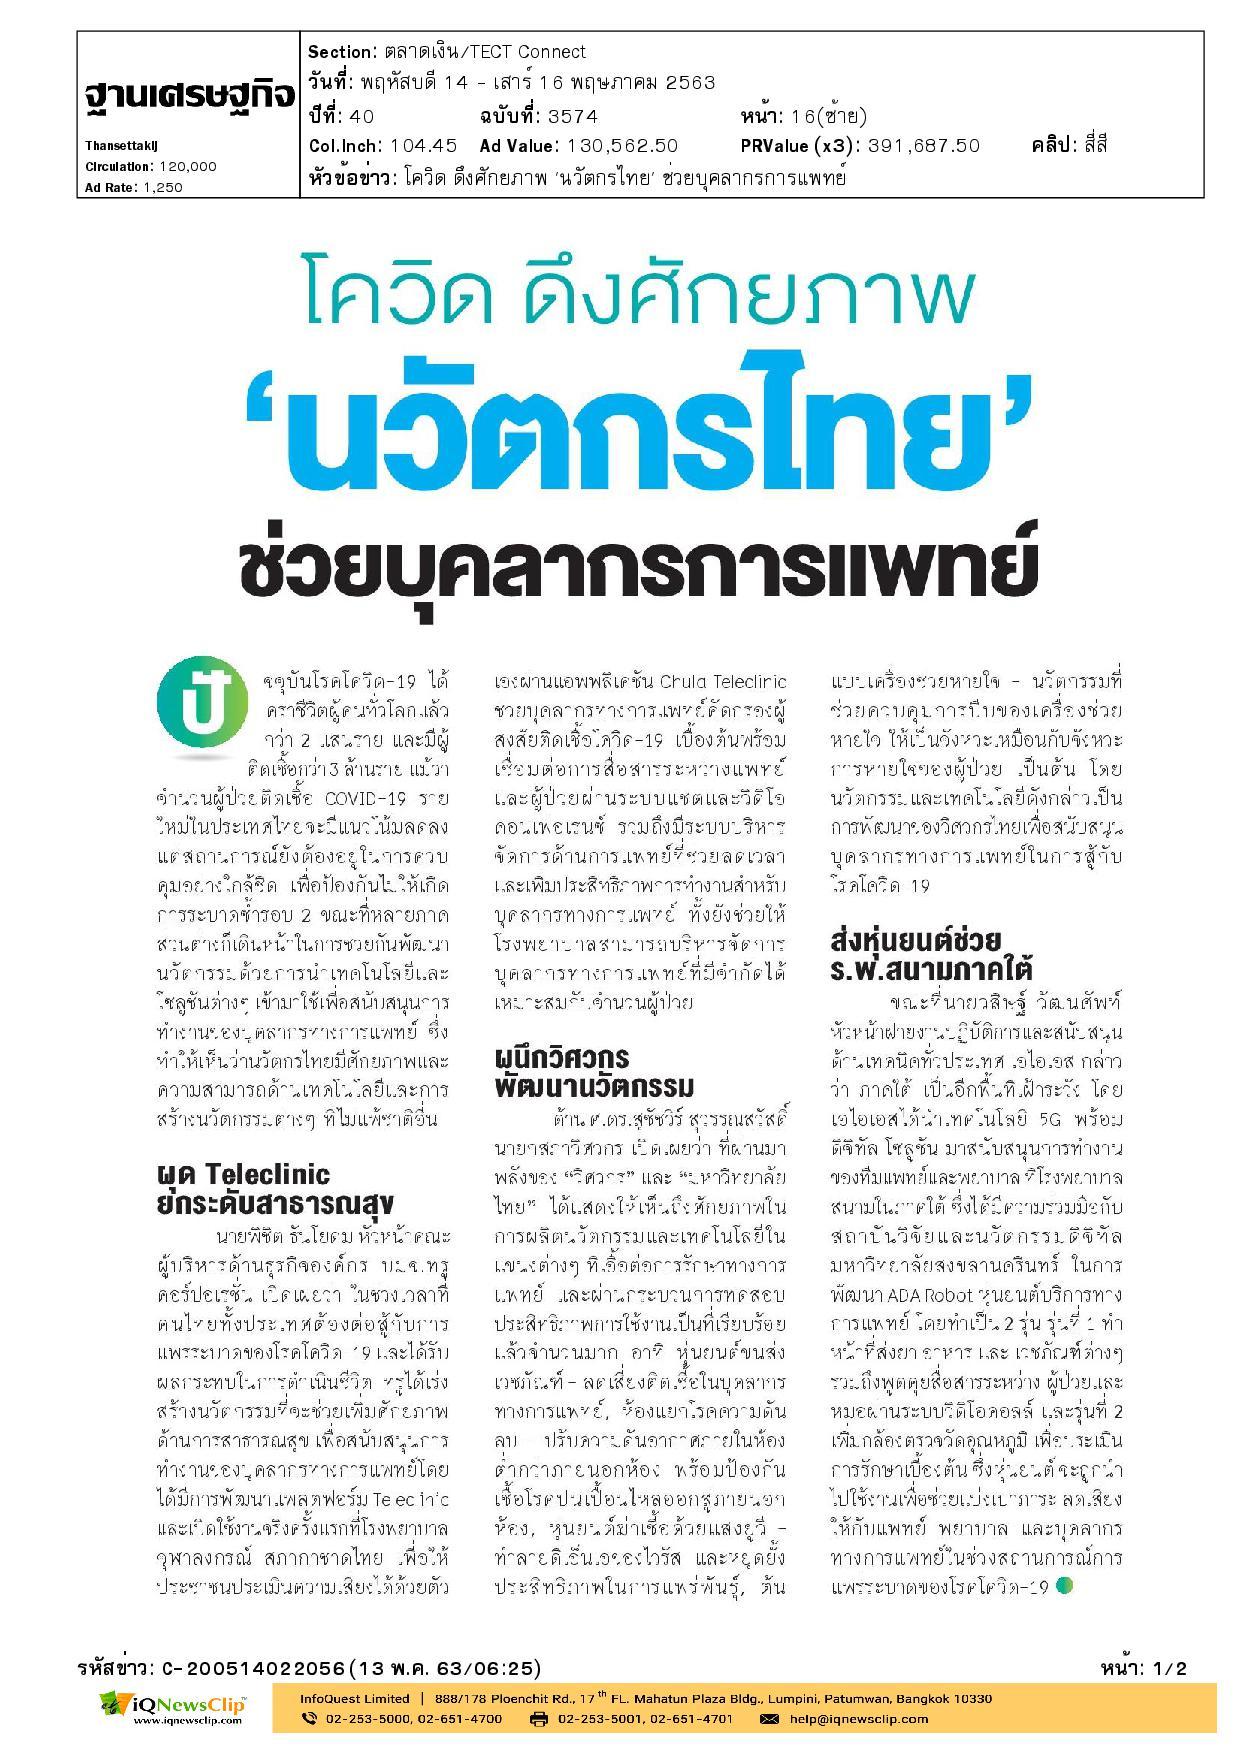 บริษัทเซฟรอนประเทศไทย มอบเงินบริจาค ให้แก่ สภากาชาดไทย